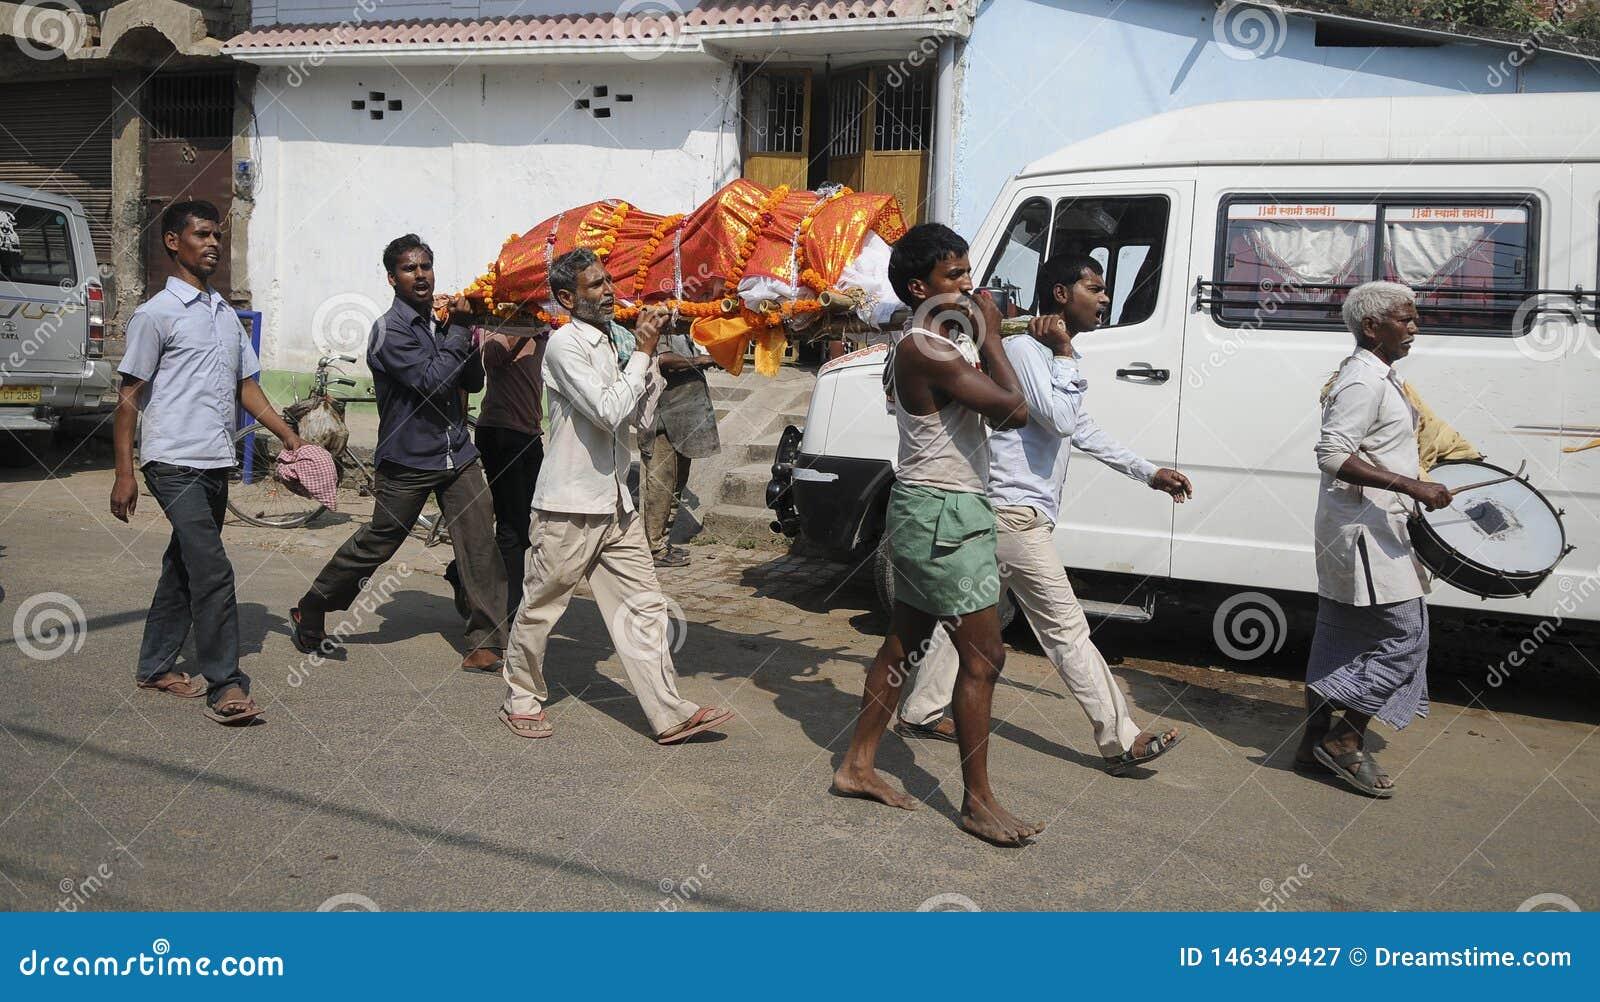 μια ομάδα ανθρώπων παίρνει ένα πτώμα στο Γάγκη που προετοιμάζεται για cremation